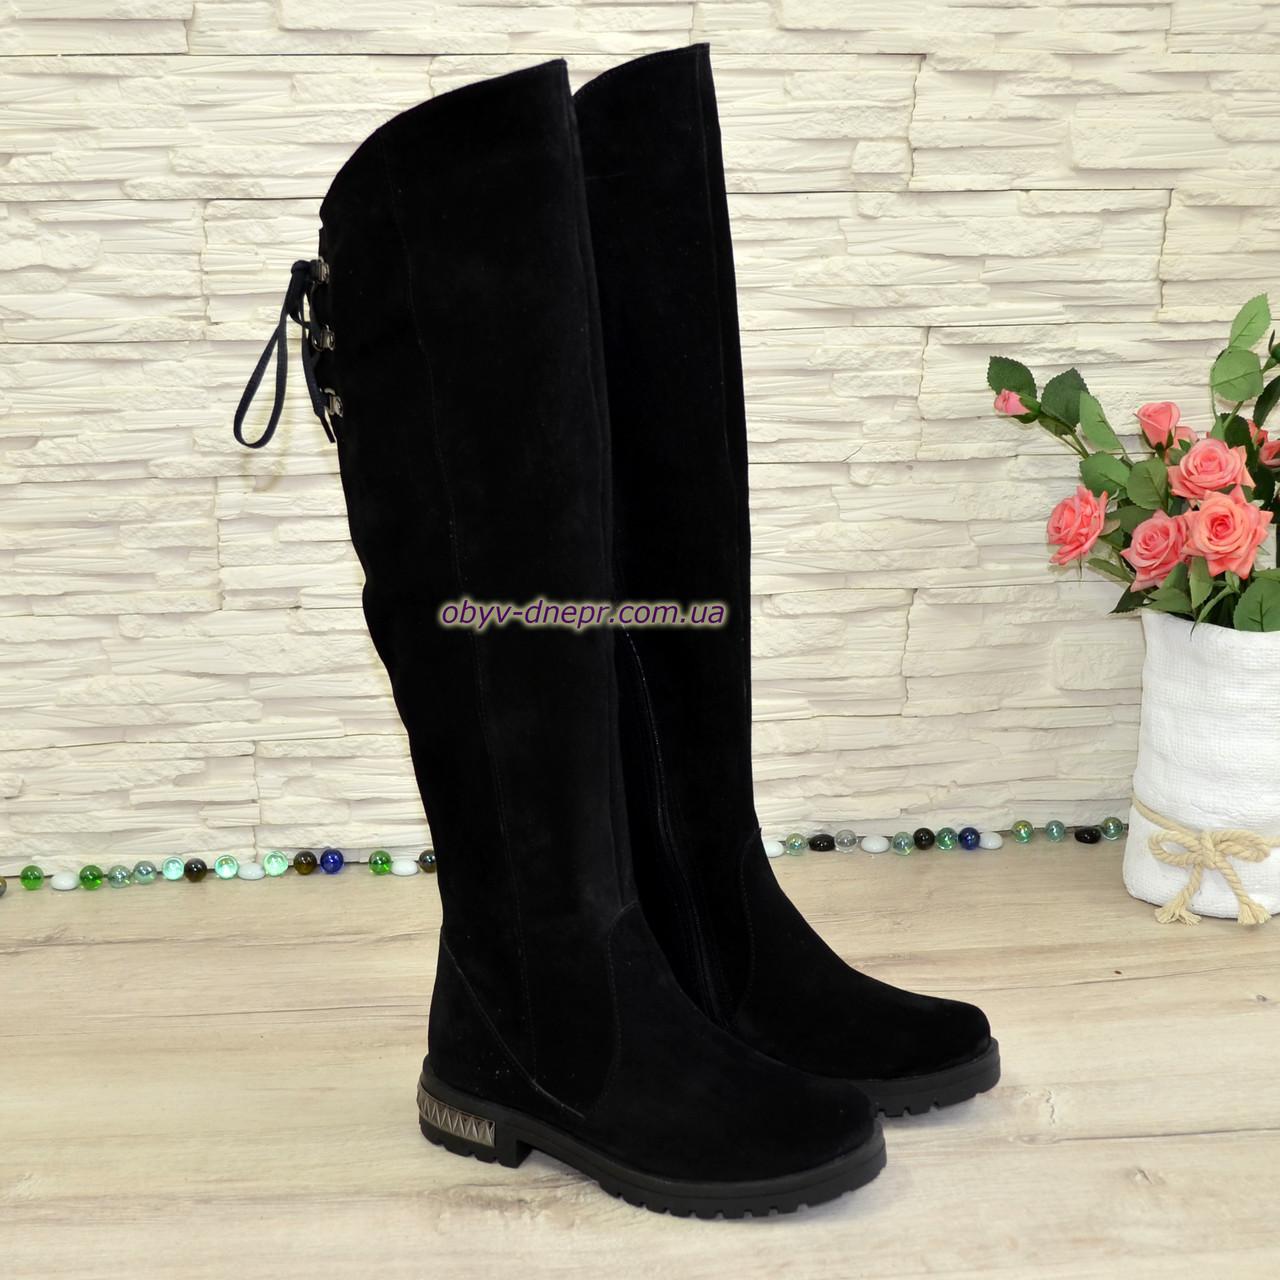 Ботфорты демисезонные женские на маленьком каблуке, натуральная замша